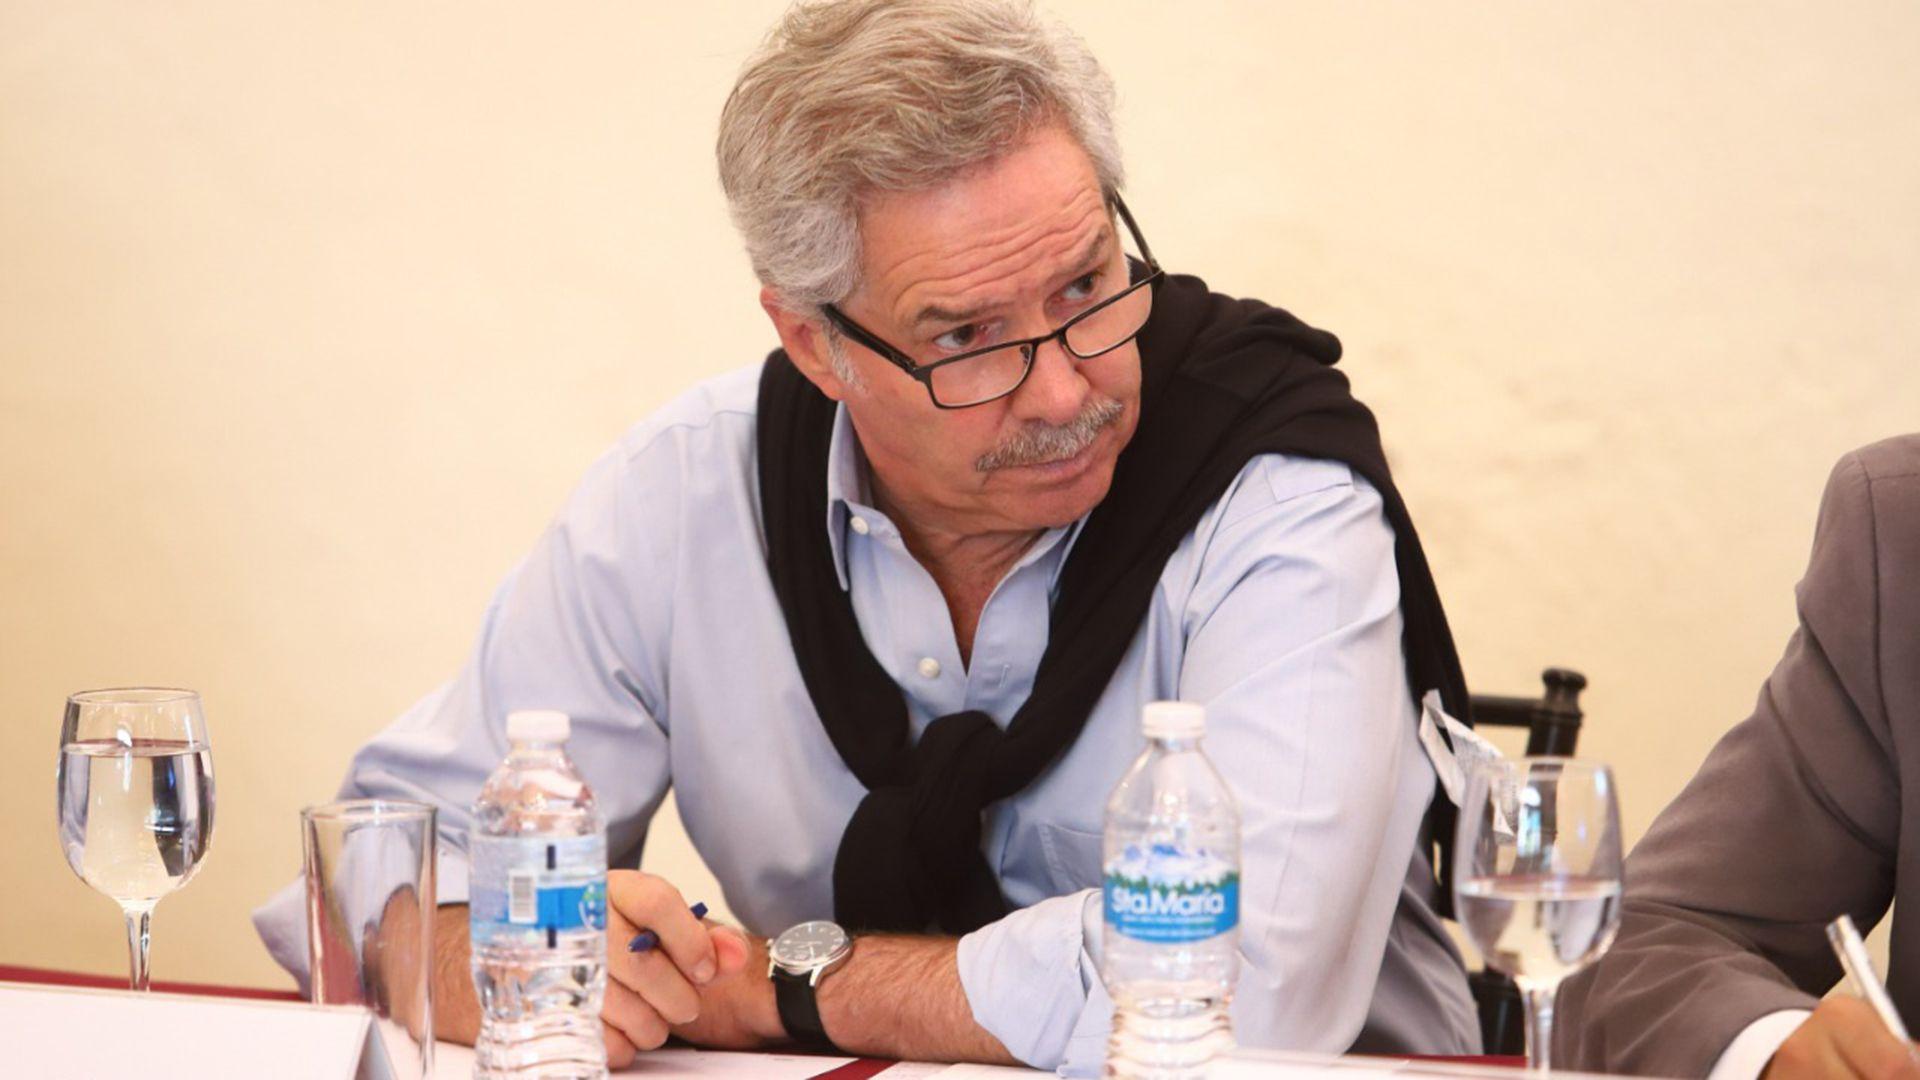 El canciller Felipe Solá explicó la opinión del actual Gobierno argentino con respecto a la situación de Evo Morales.